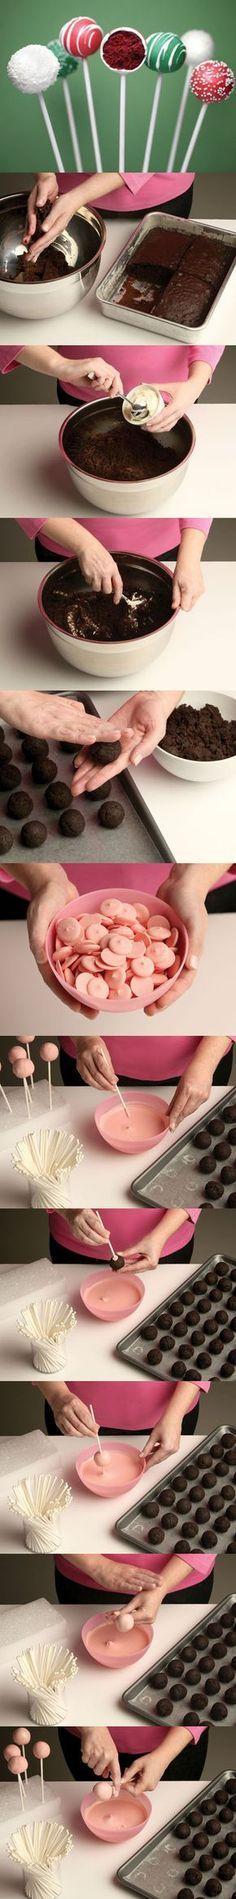 Faça a você mesma - 22 doces para festa infantil                                                                                                                                                                                 Mais